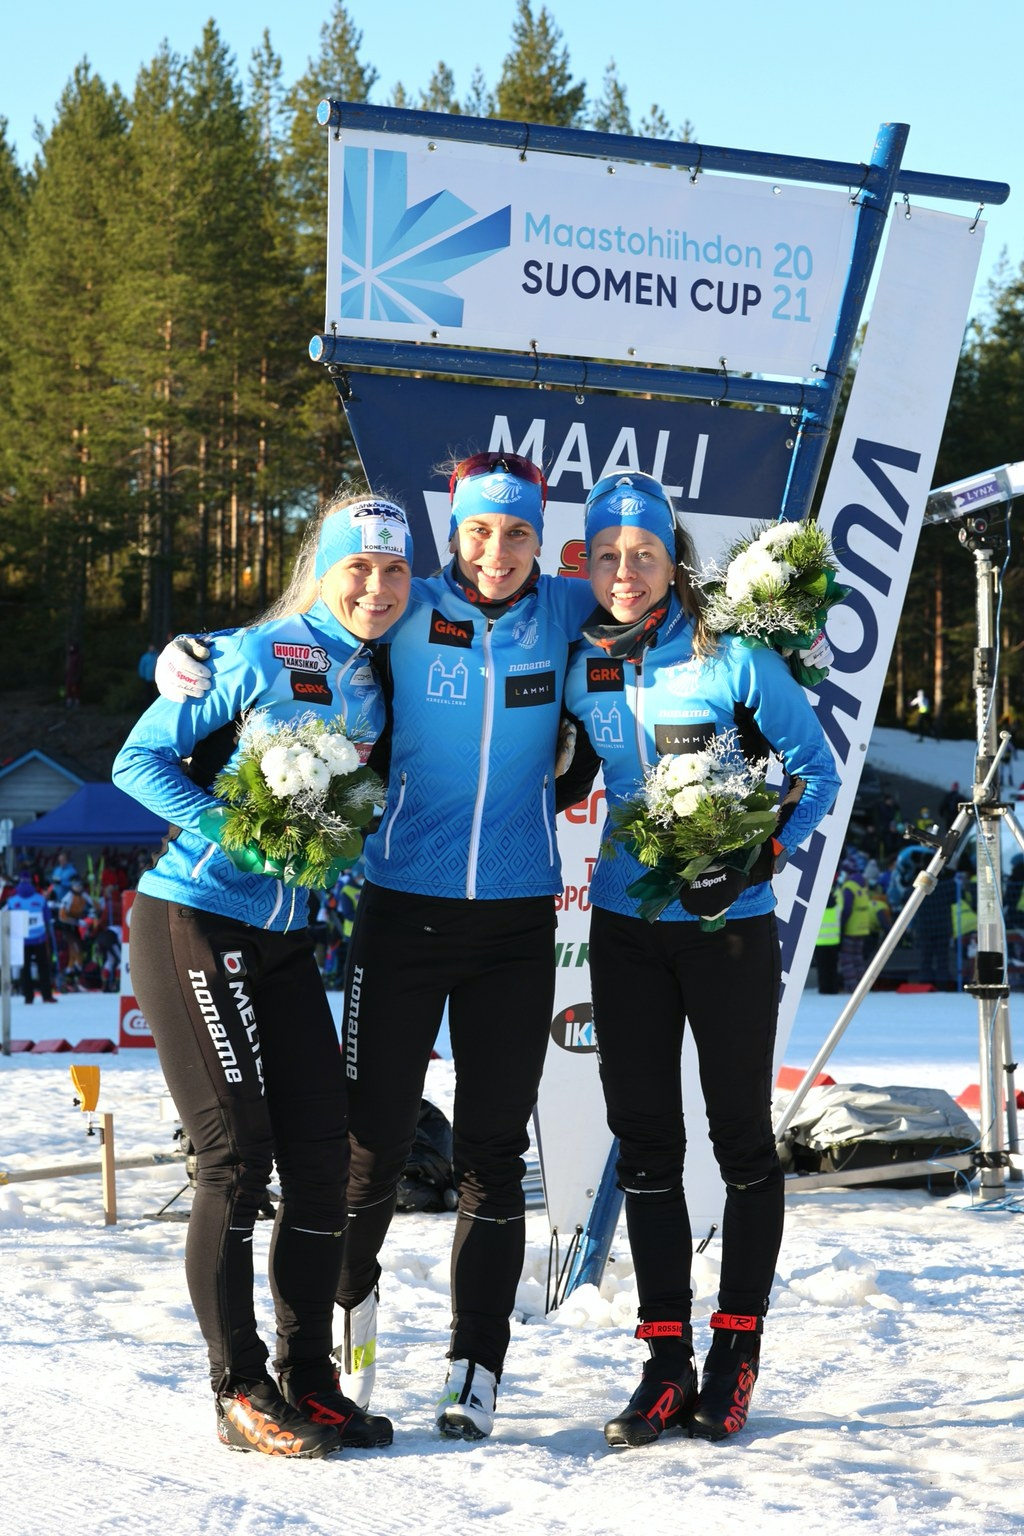 Anni Kainulainen, Maija Hakala och Laura Mononen vann damstafetten vid finska cupen i Vuokatti. FOTO: Touho Häkkinen.